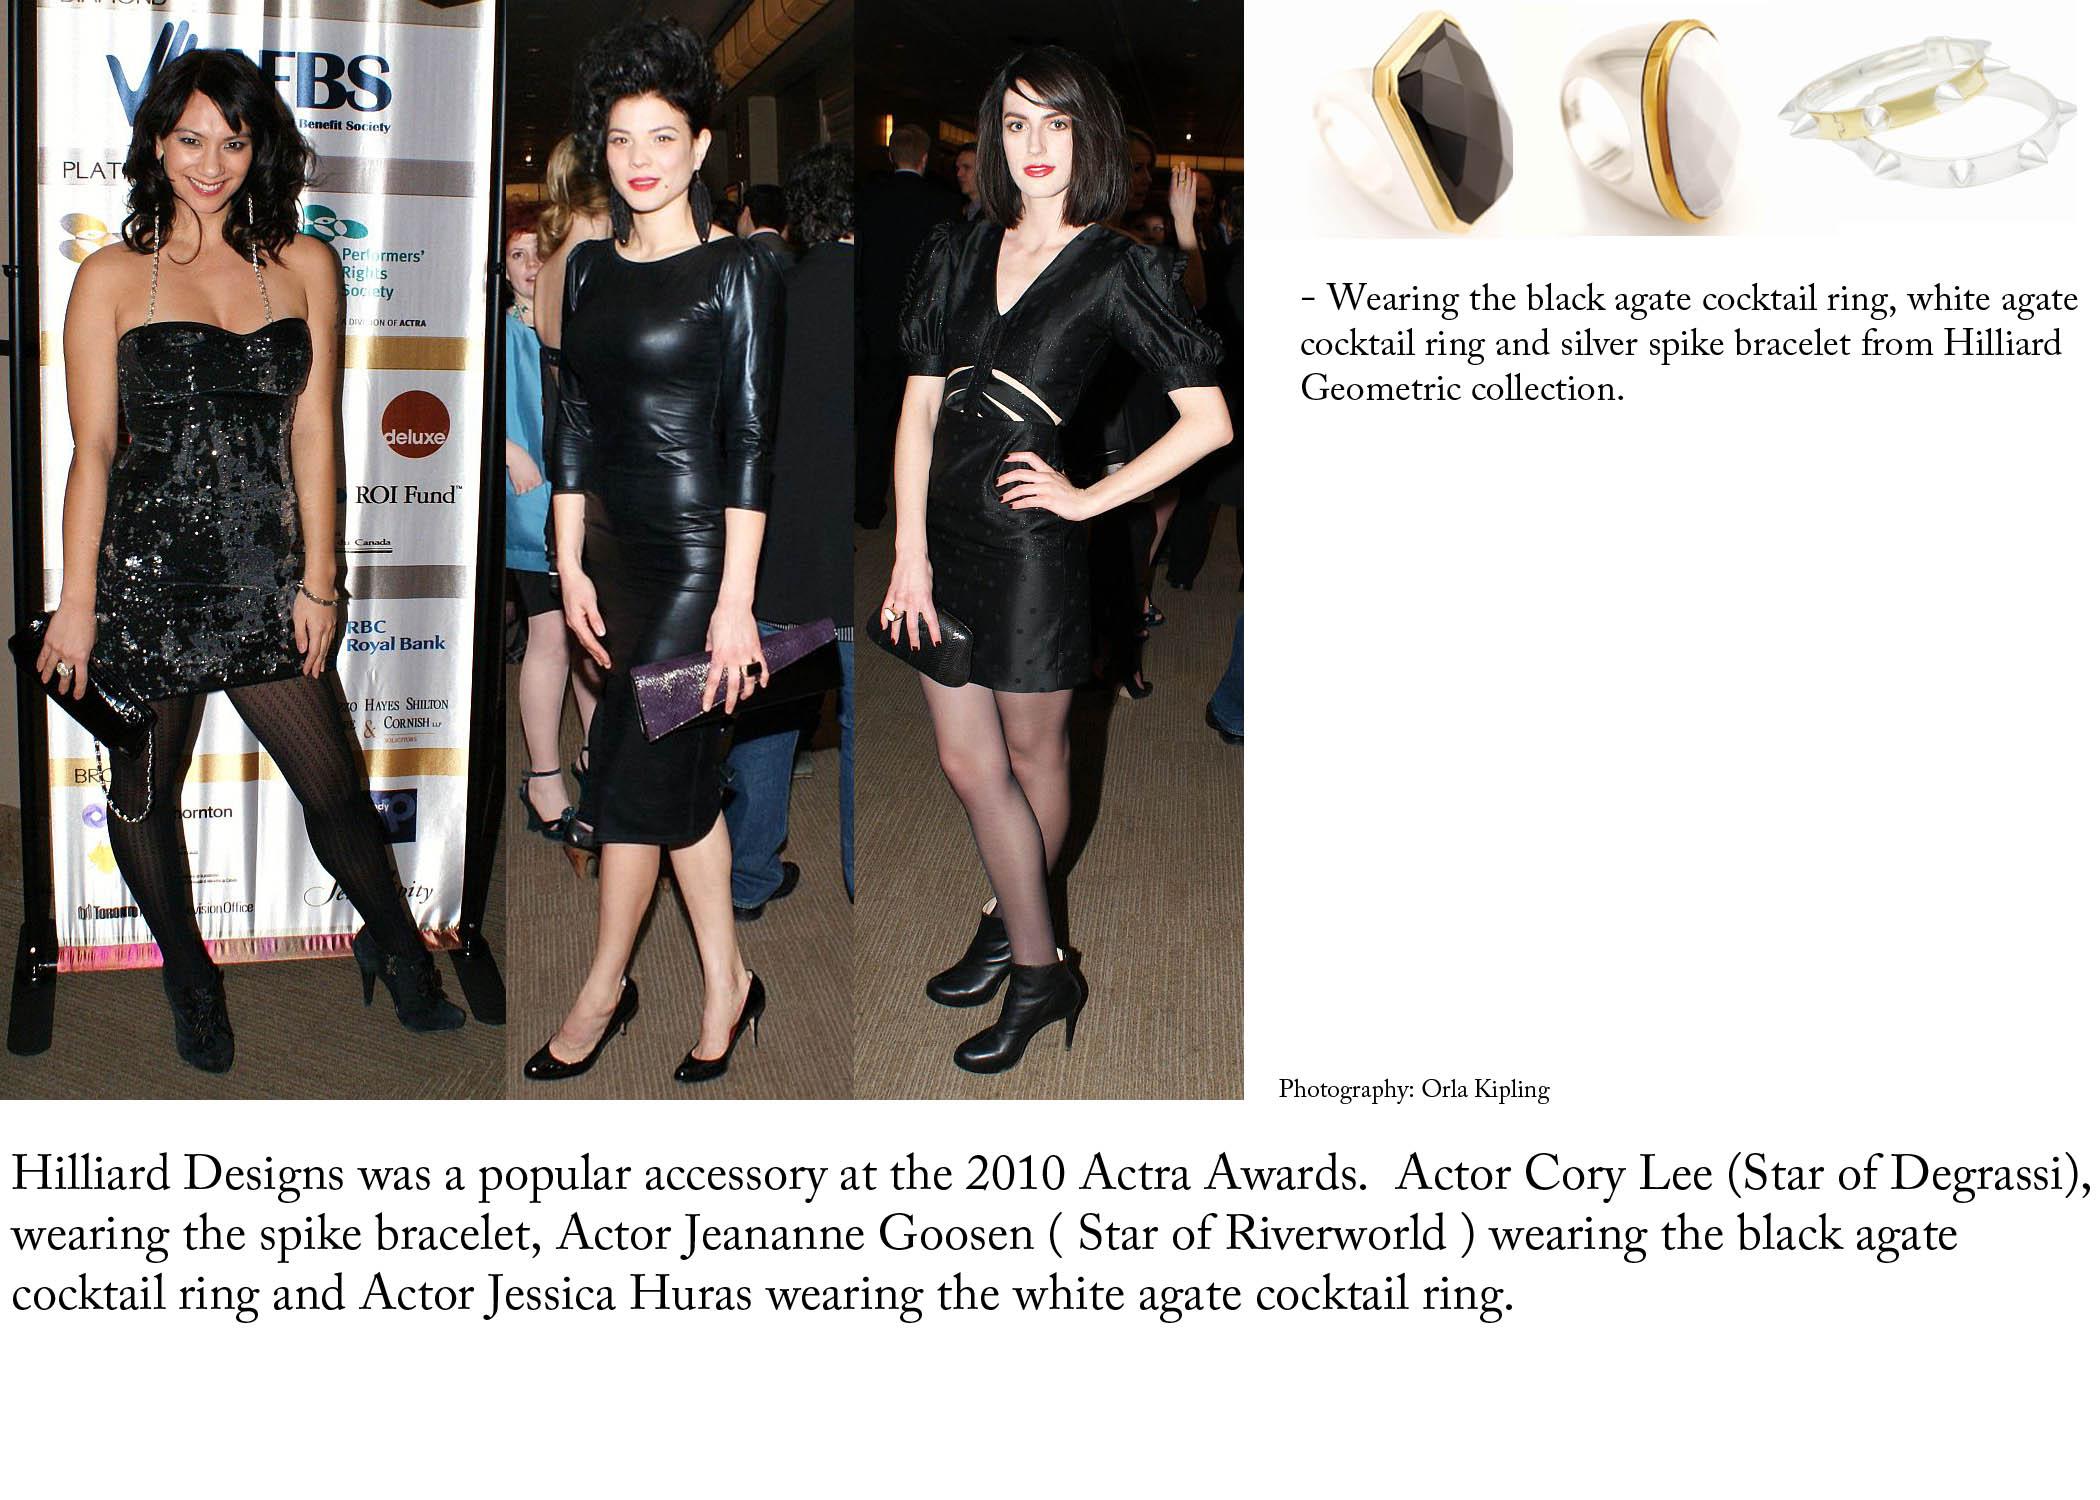 Actra Awards 2010